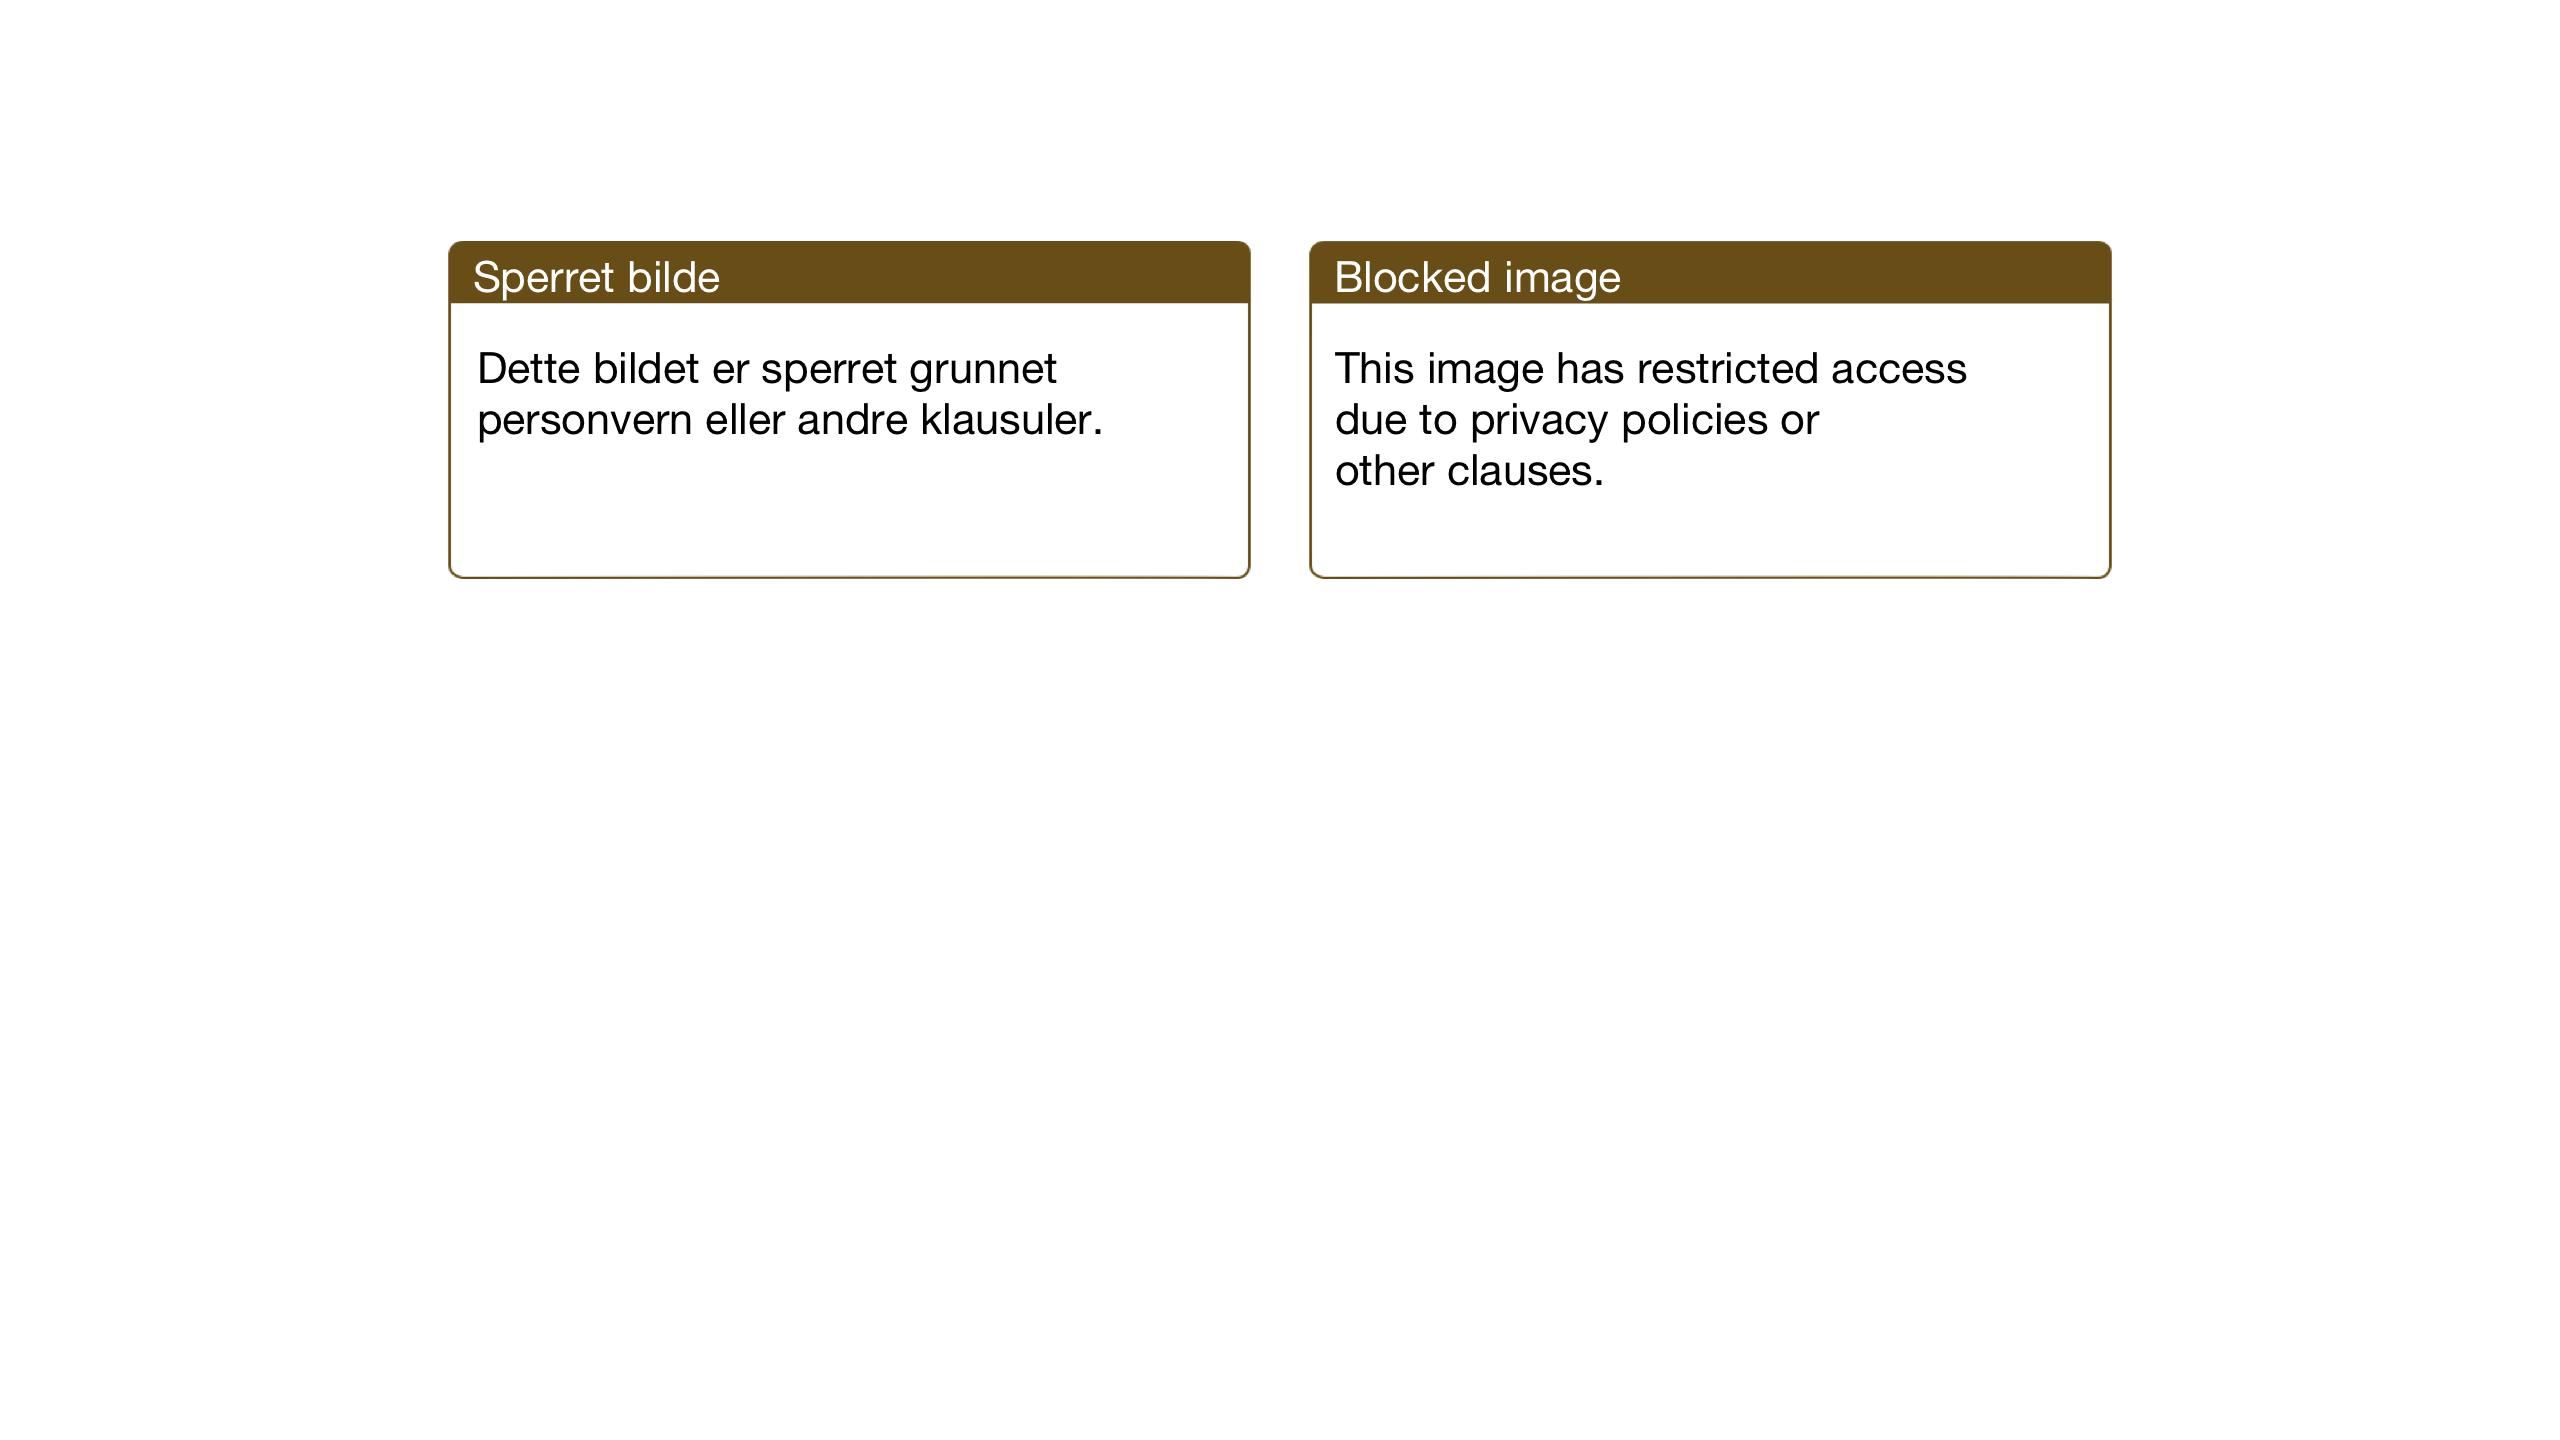 SAT, Ministerialprotokoller, klokkerbøker og fødselsregistre - Sør-Trøndelag, 631/L0515: Klokkerbok nr. 631C03, 1913-1939, s. 62